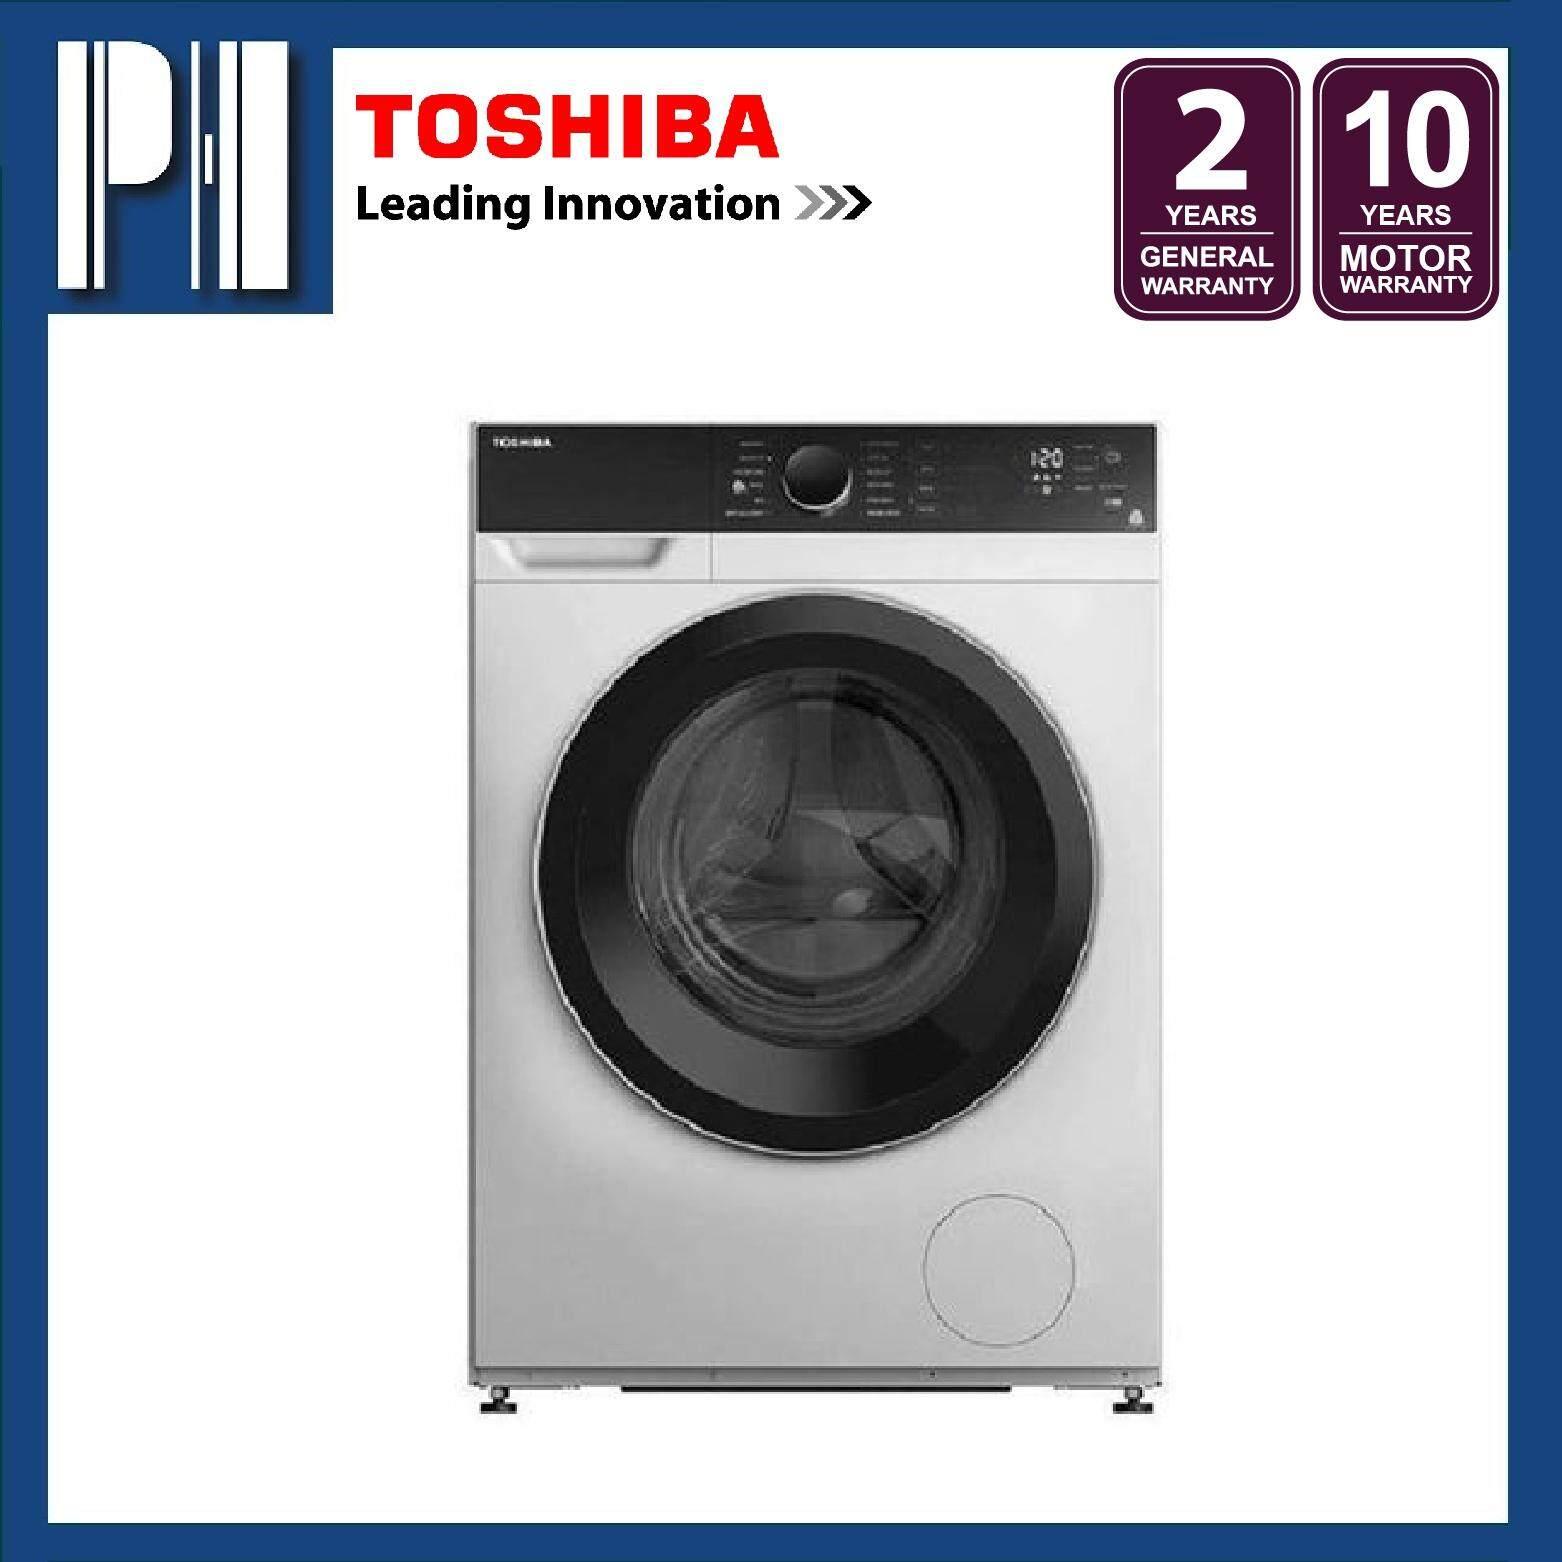 TOSHIBA TW-BH105M4M 9.5KG Inverter Front Load Washing Machine/Washer